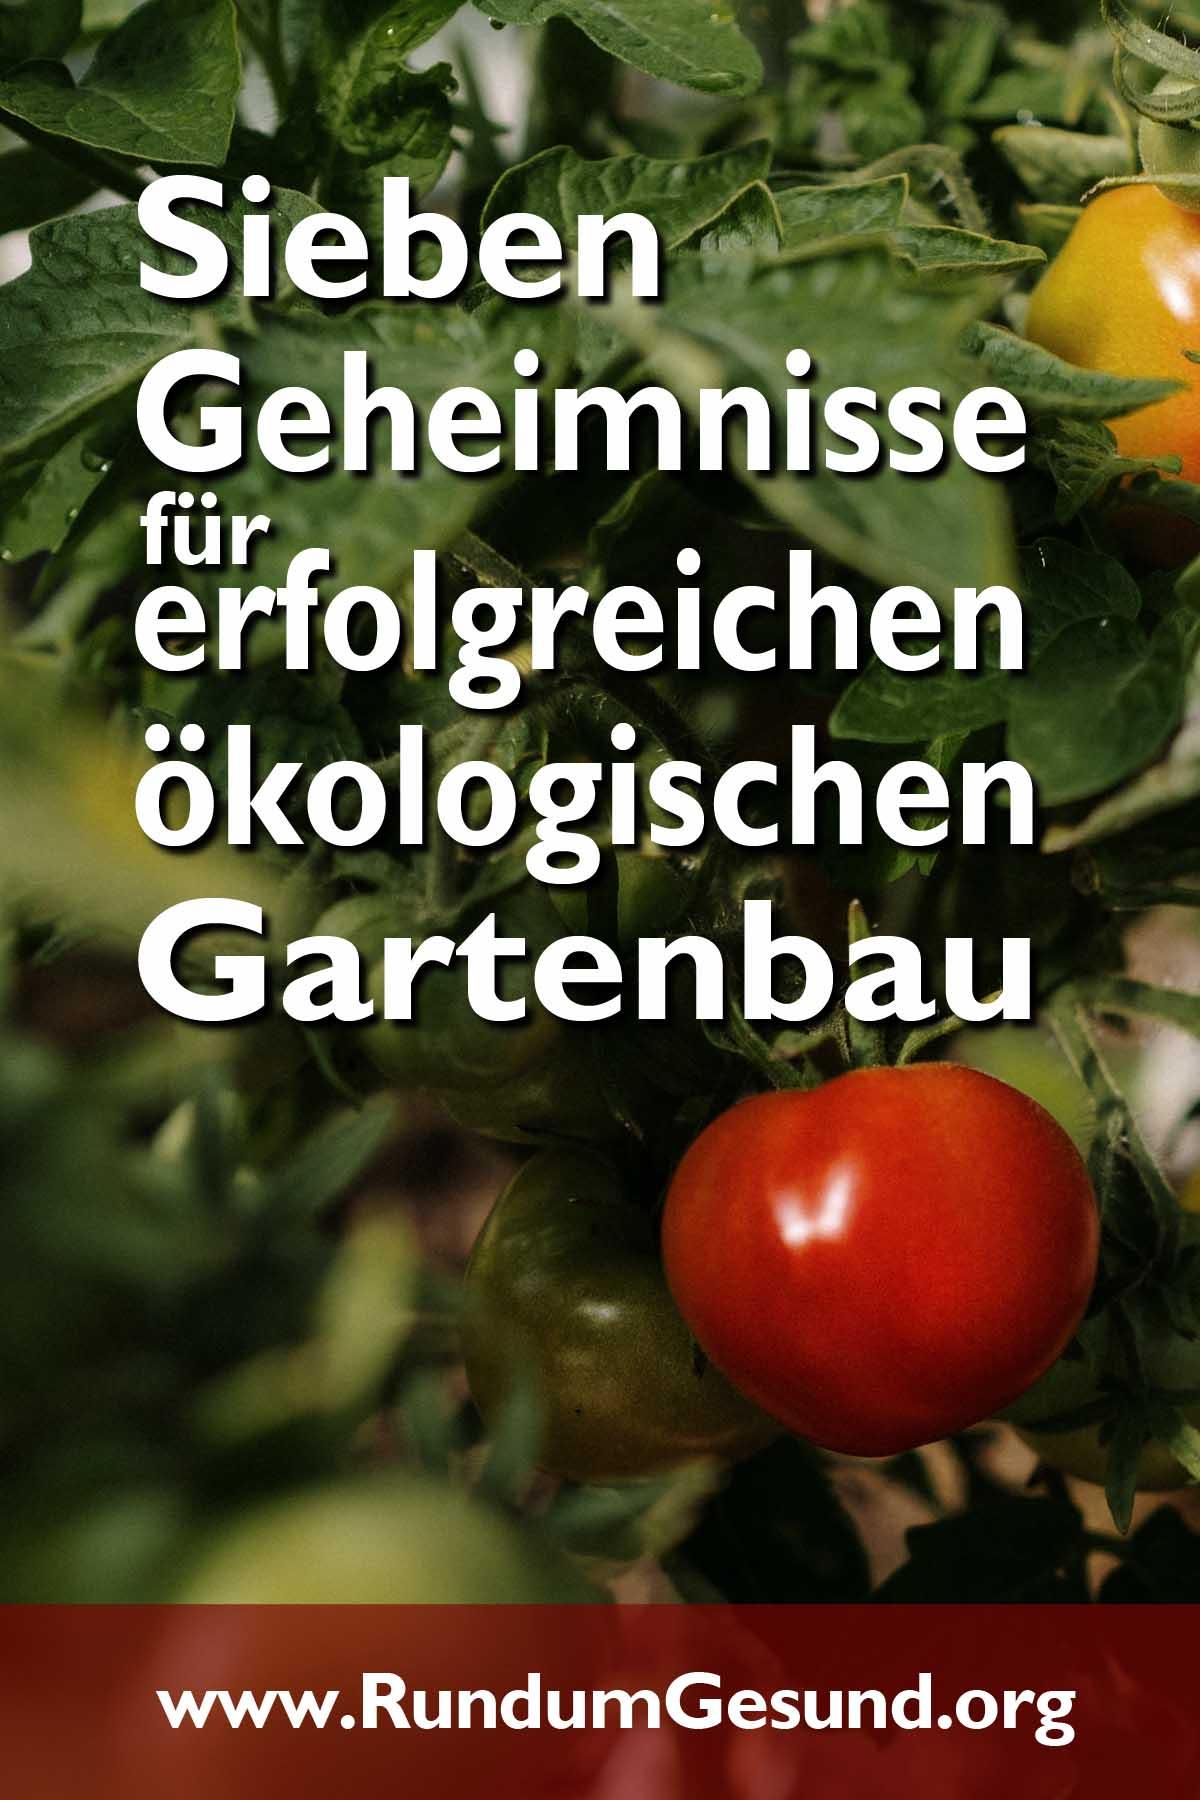 Sieben Geheimnisse für erfolgreichen ökologischen Gartenbau